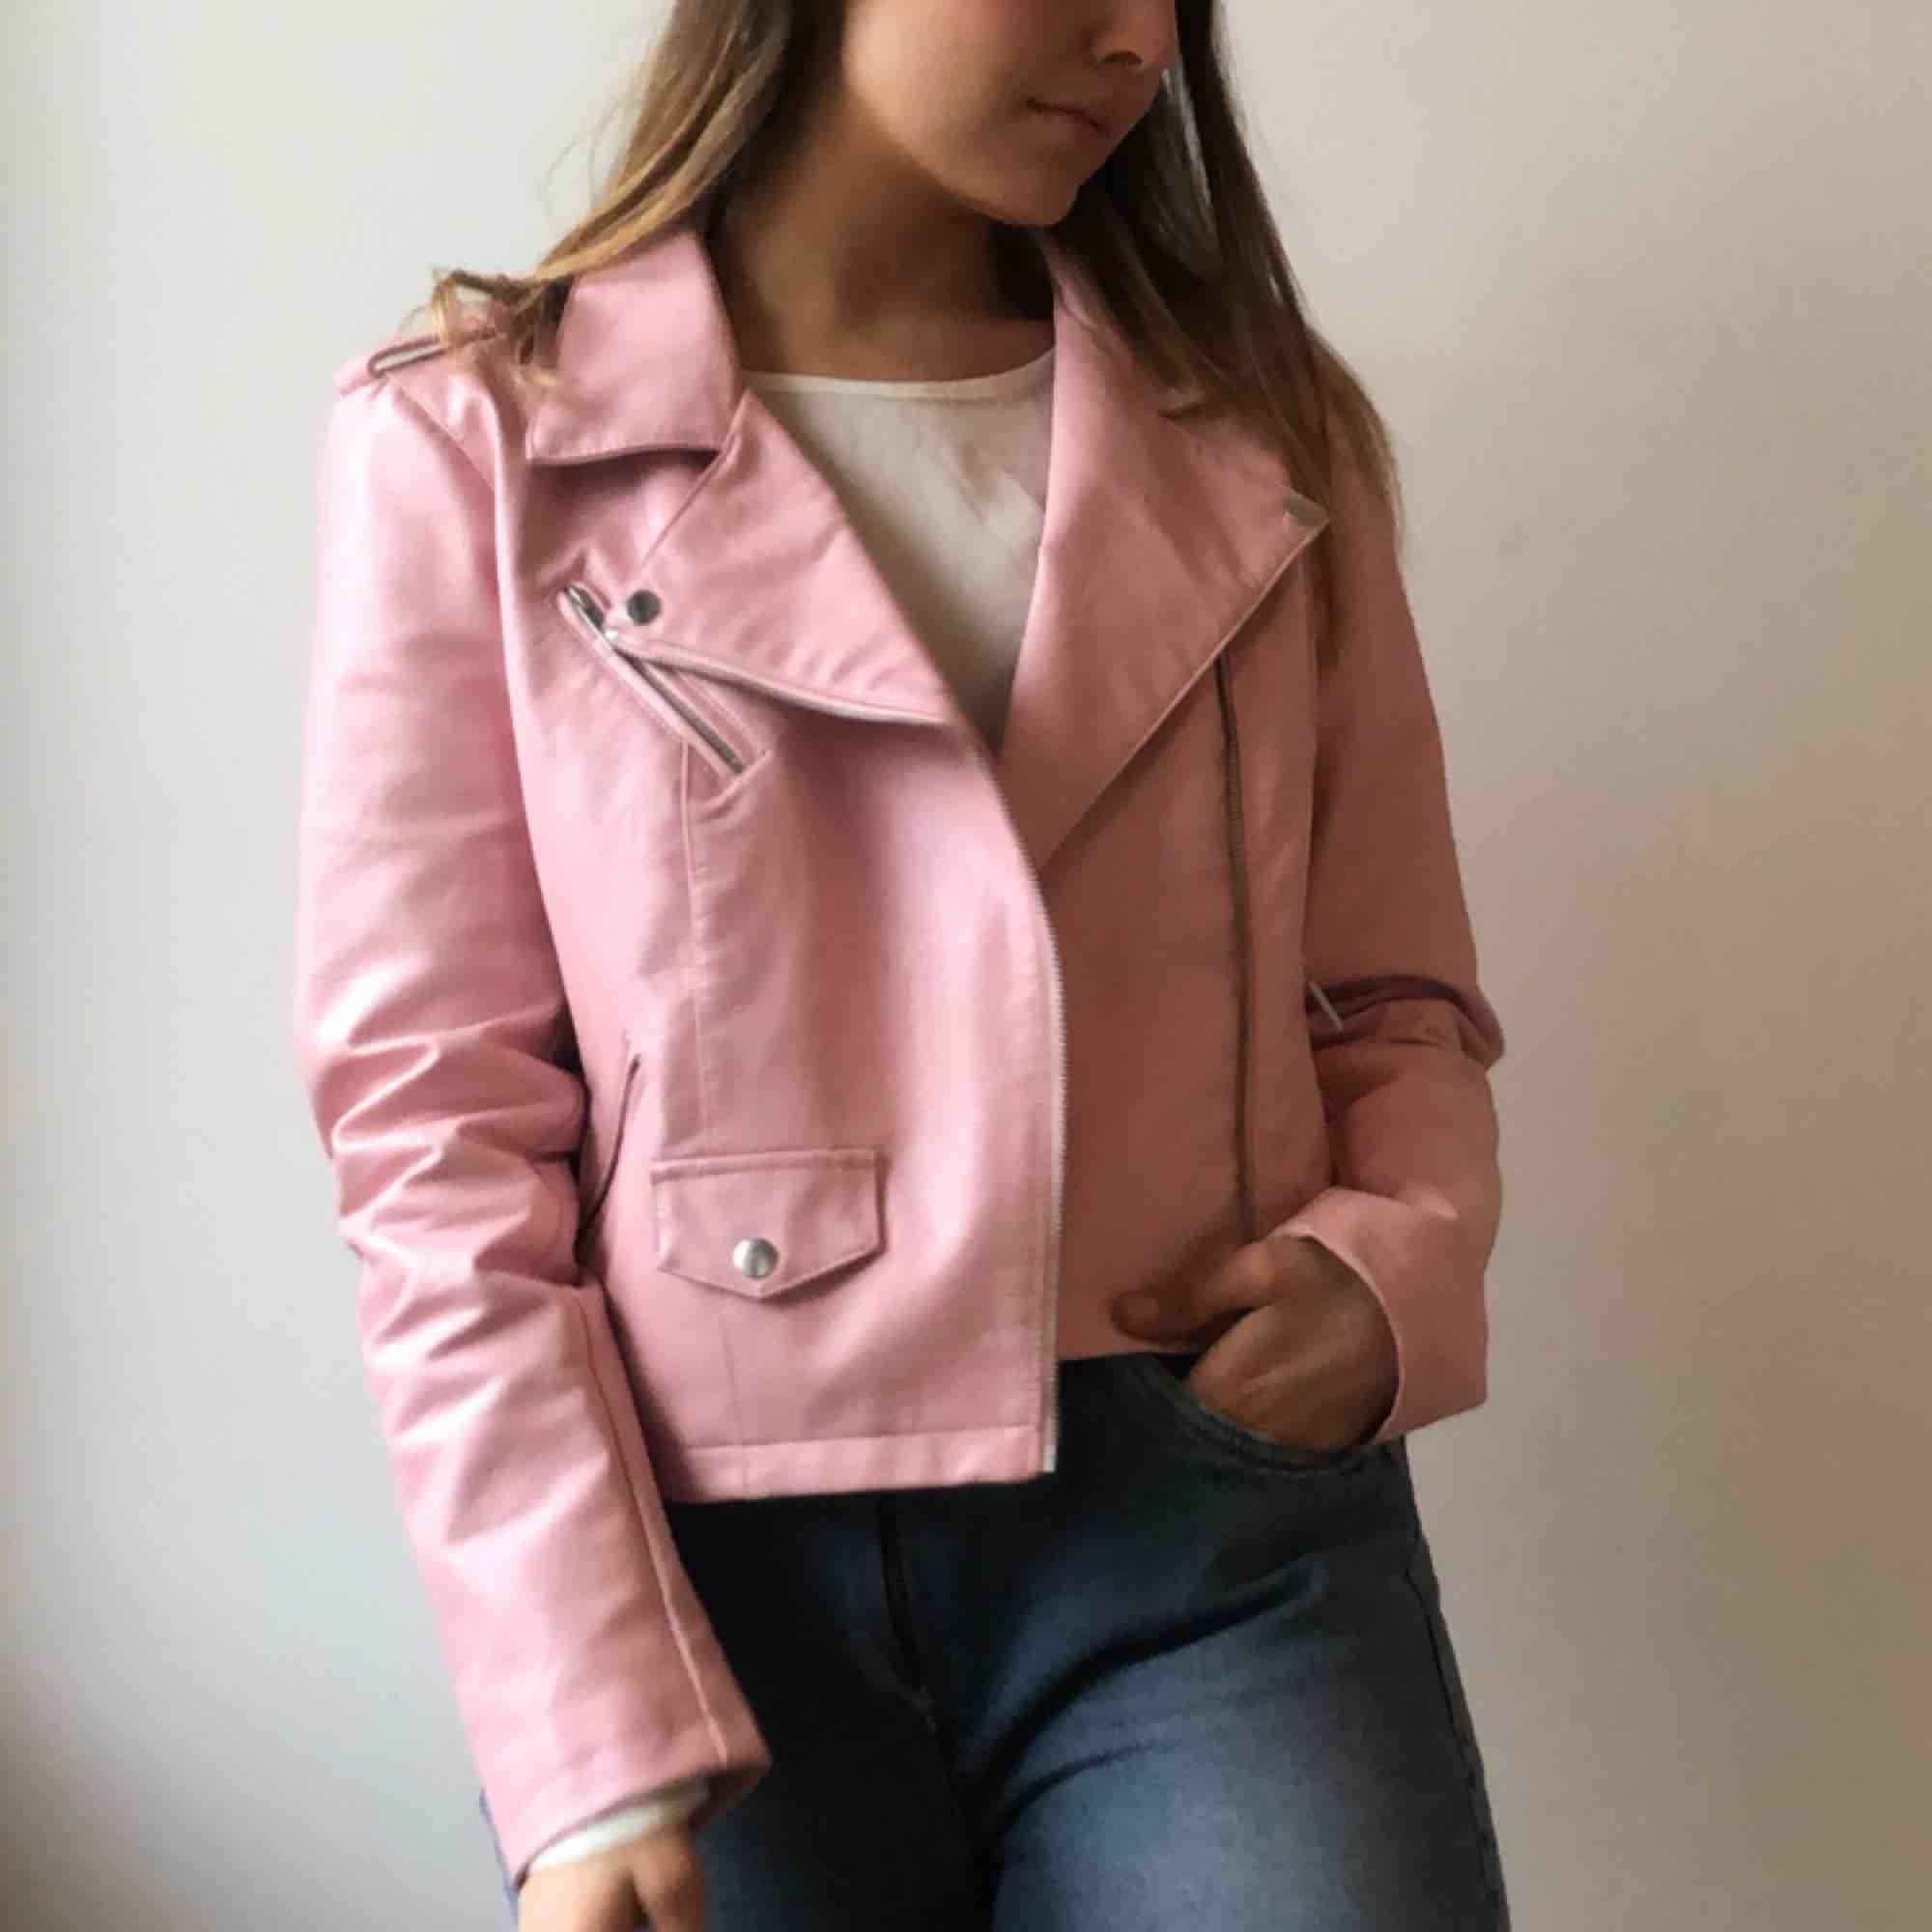 Pink faux biker leather jacket / Rosa konstläder/skinnimitation jacka Frakt eller upphämtning i Stockholm / Shipped or picked up in Stockholm. Jackor.